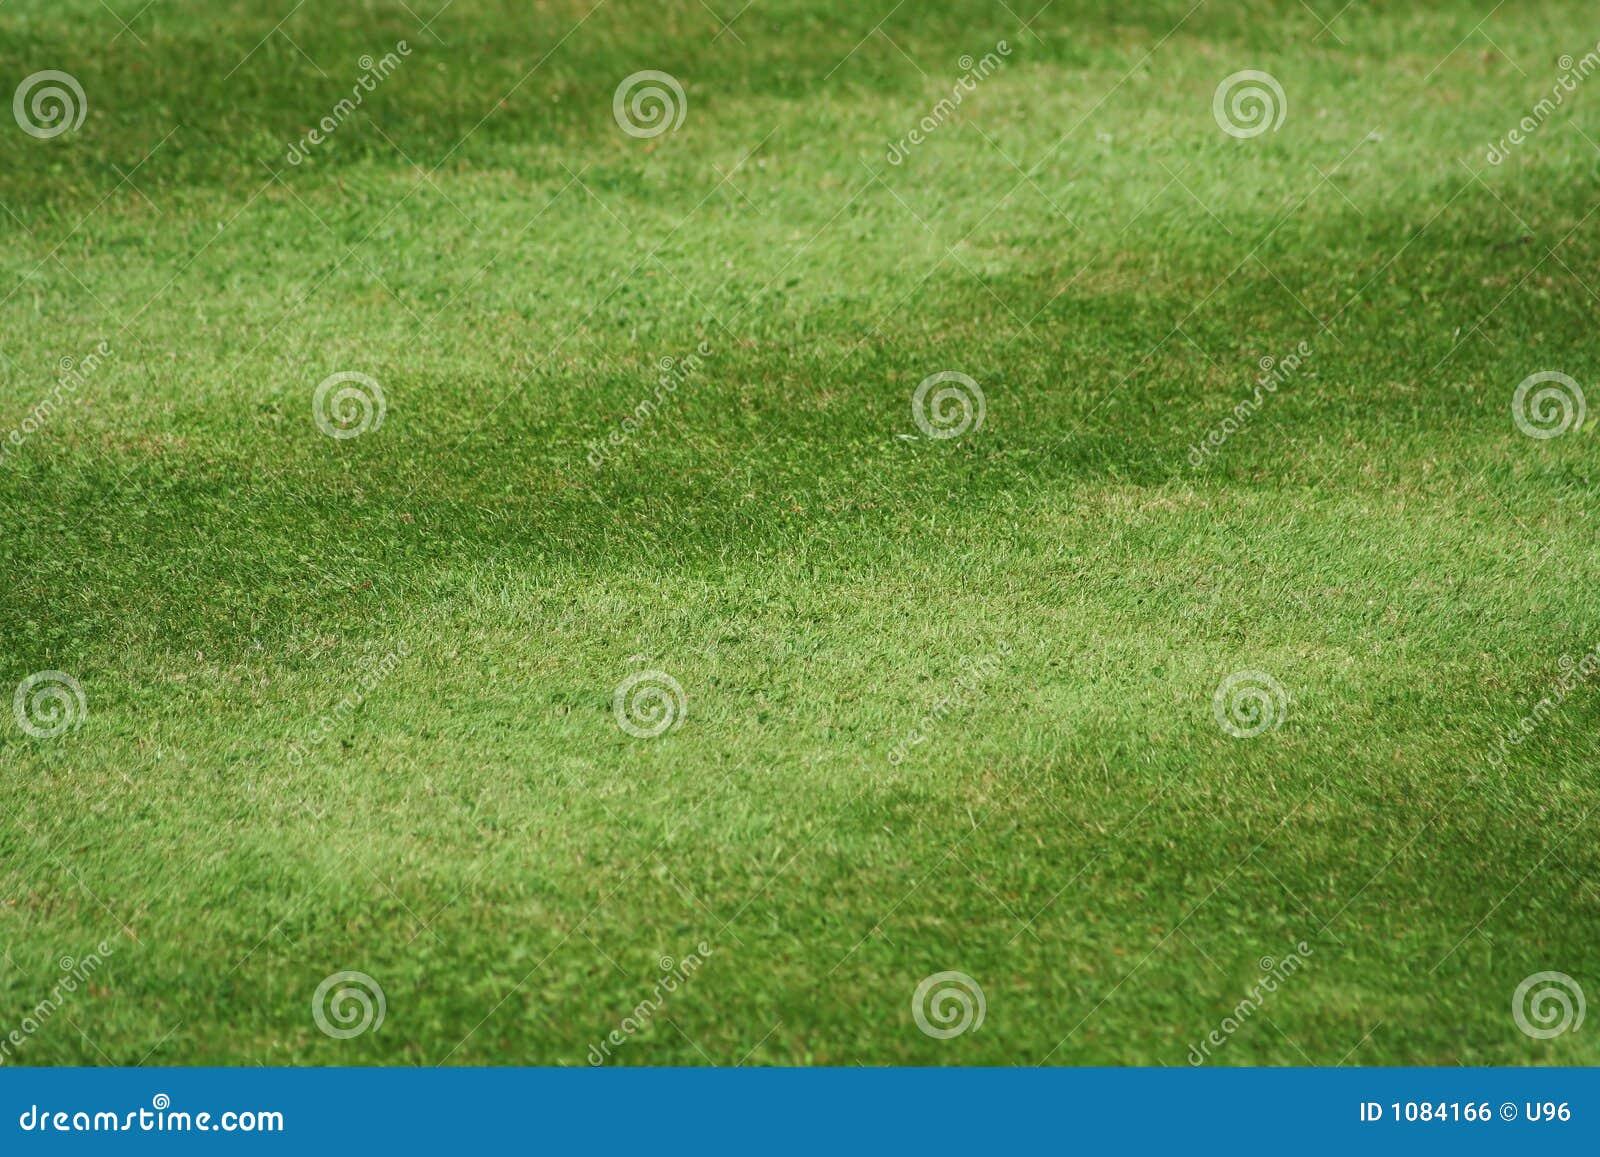 Une pelouse de l herbe soigné fauchée, 45deg à la piste, 5 pistes